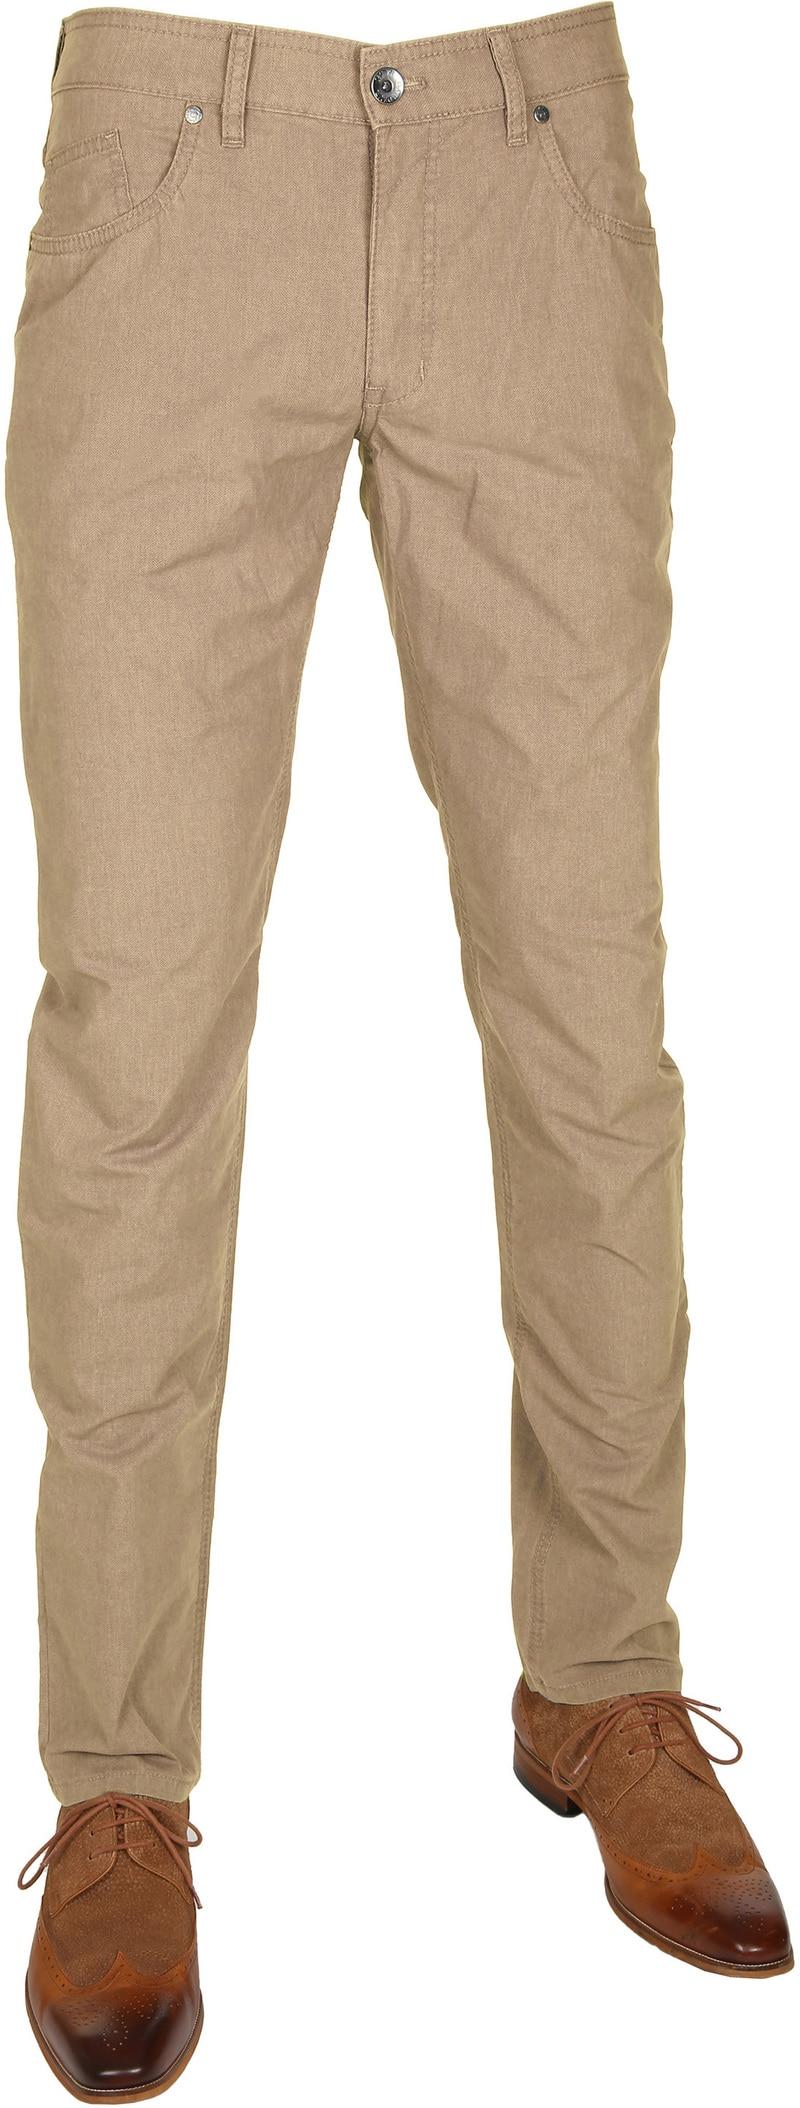 Gardeur Jeans Bill 2 Camel foto 0